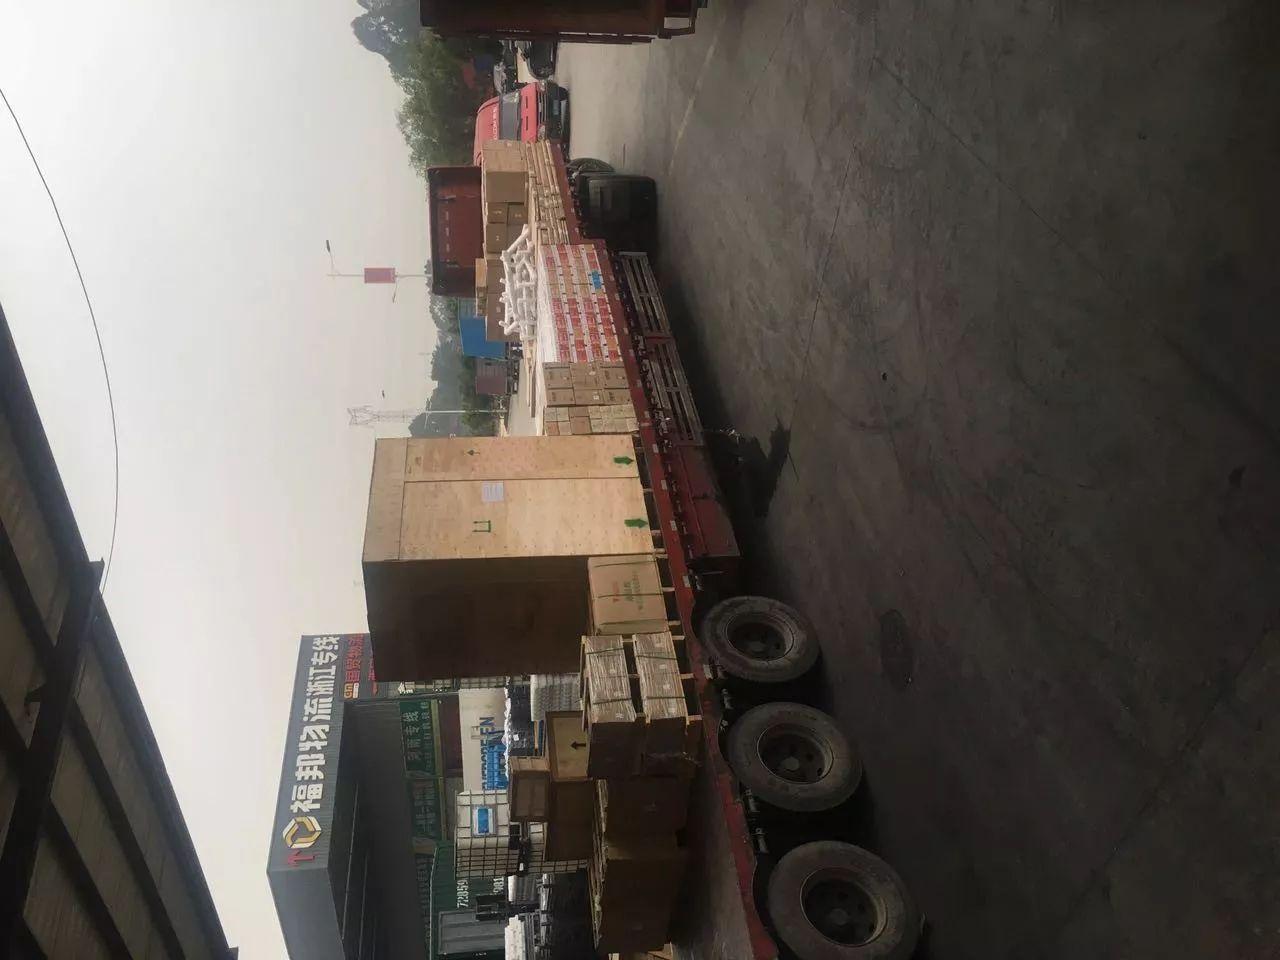 广州到全国物流运输货物行李托运大件货运长途搬家运输回程车调度